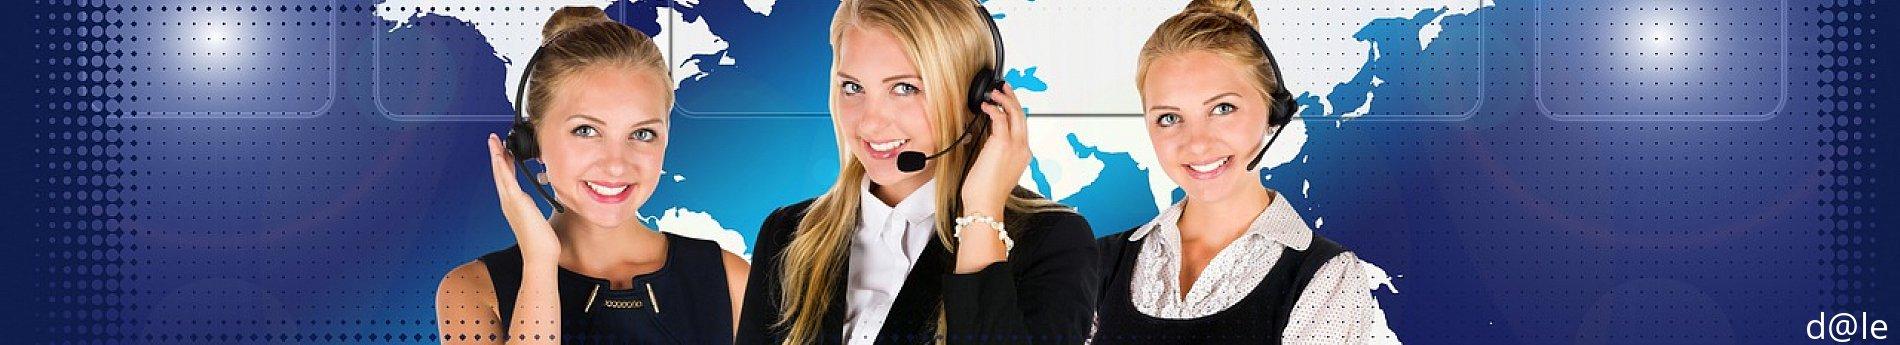 Telefonistas, recepcionistas, atención a cliente